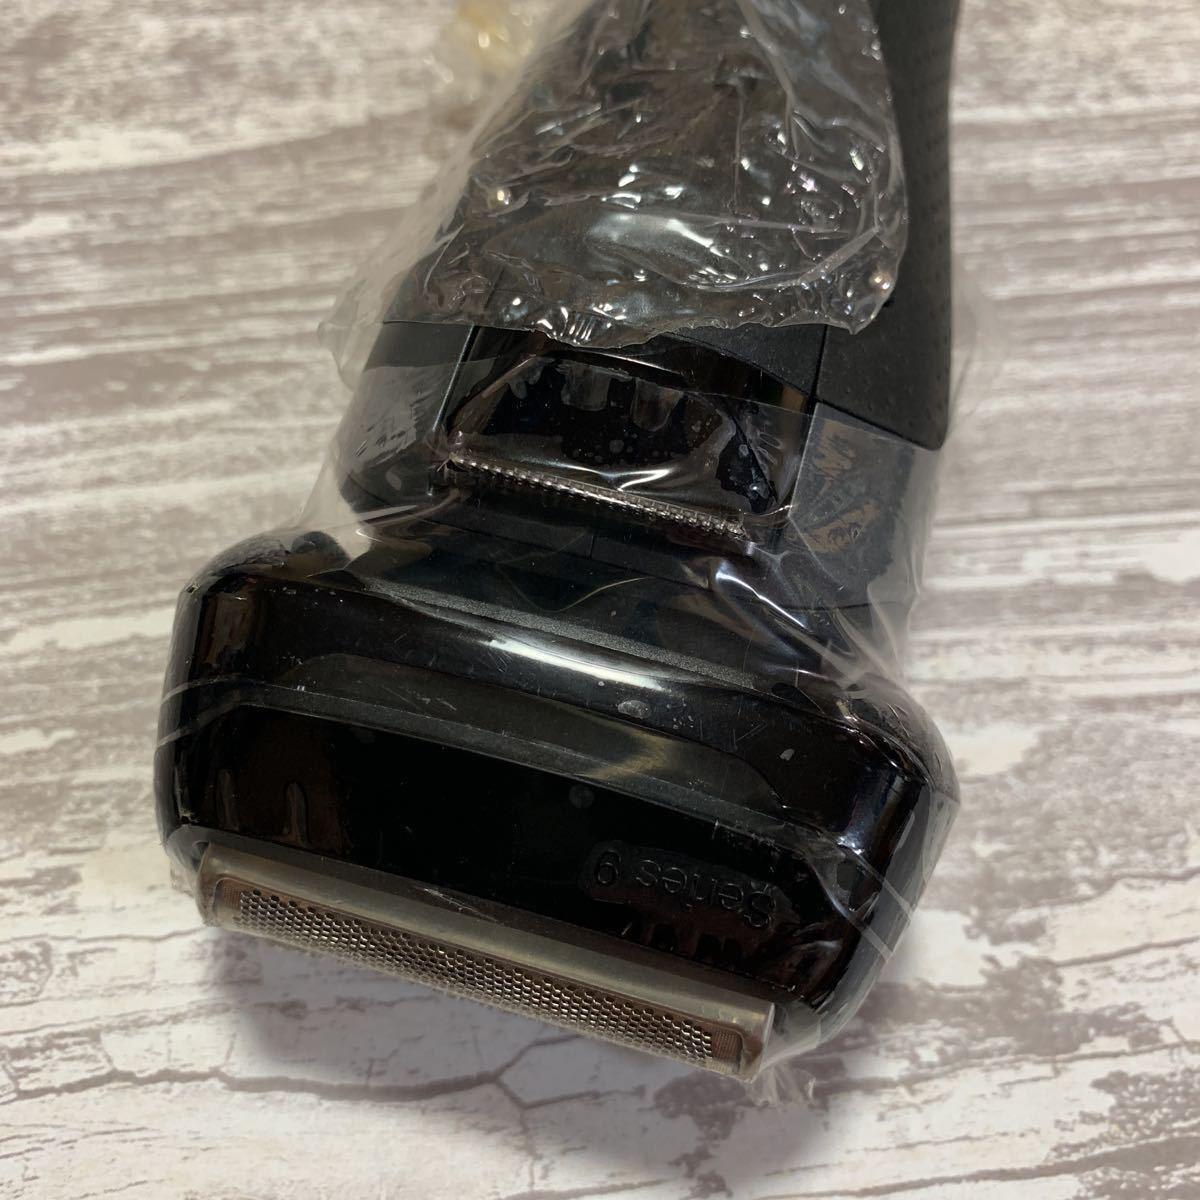 未使用品? 美品 BRAUN Series9 9030s シェーバー メンズシェーバー 充電式 電気シェーバー シリーズ9 wet+dry ポーチ付き_画像5